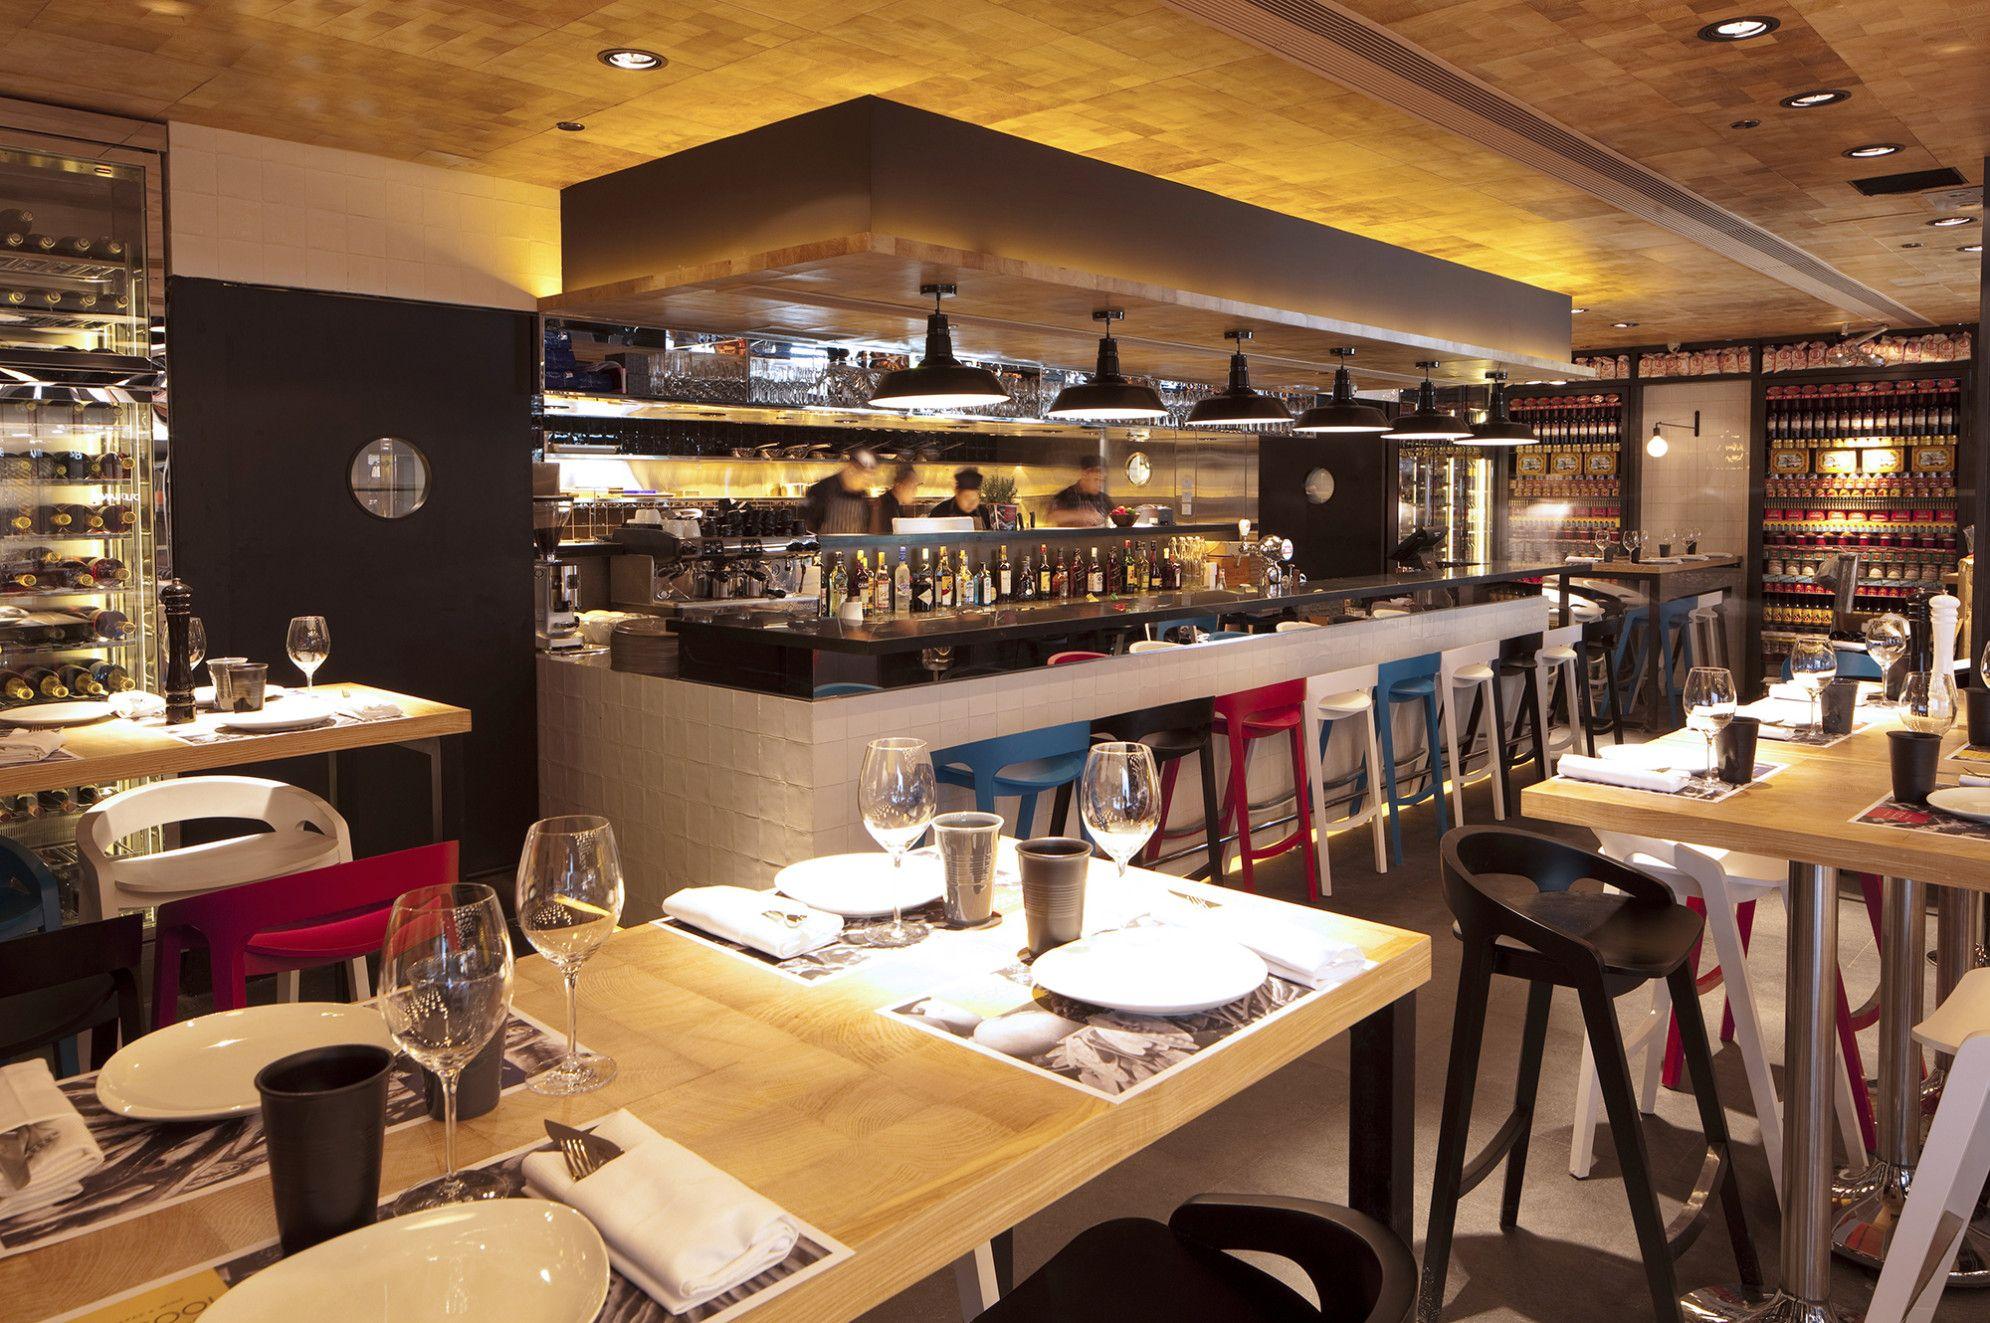 Restaurant Kitchen Bar Design onze 13x13 cotto wandtegels gebruikt voor de bar bavn vi cool